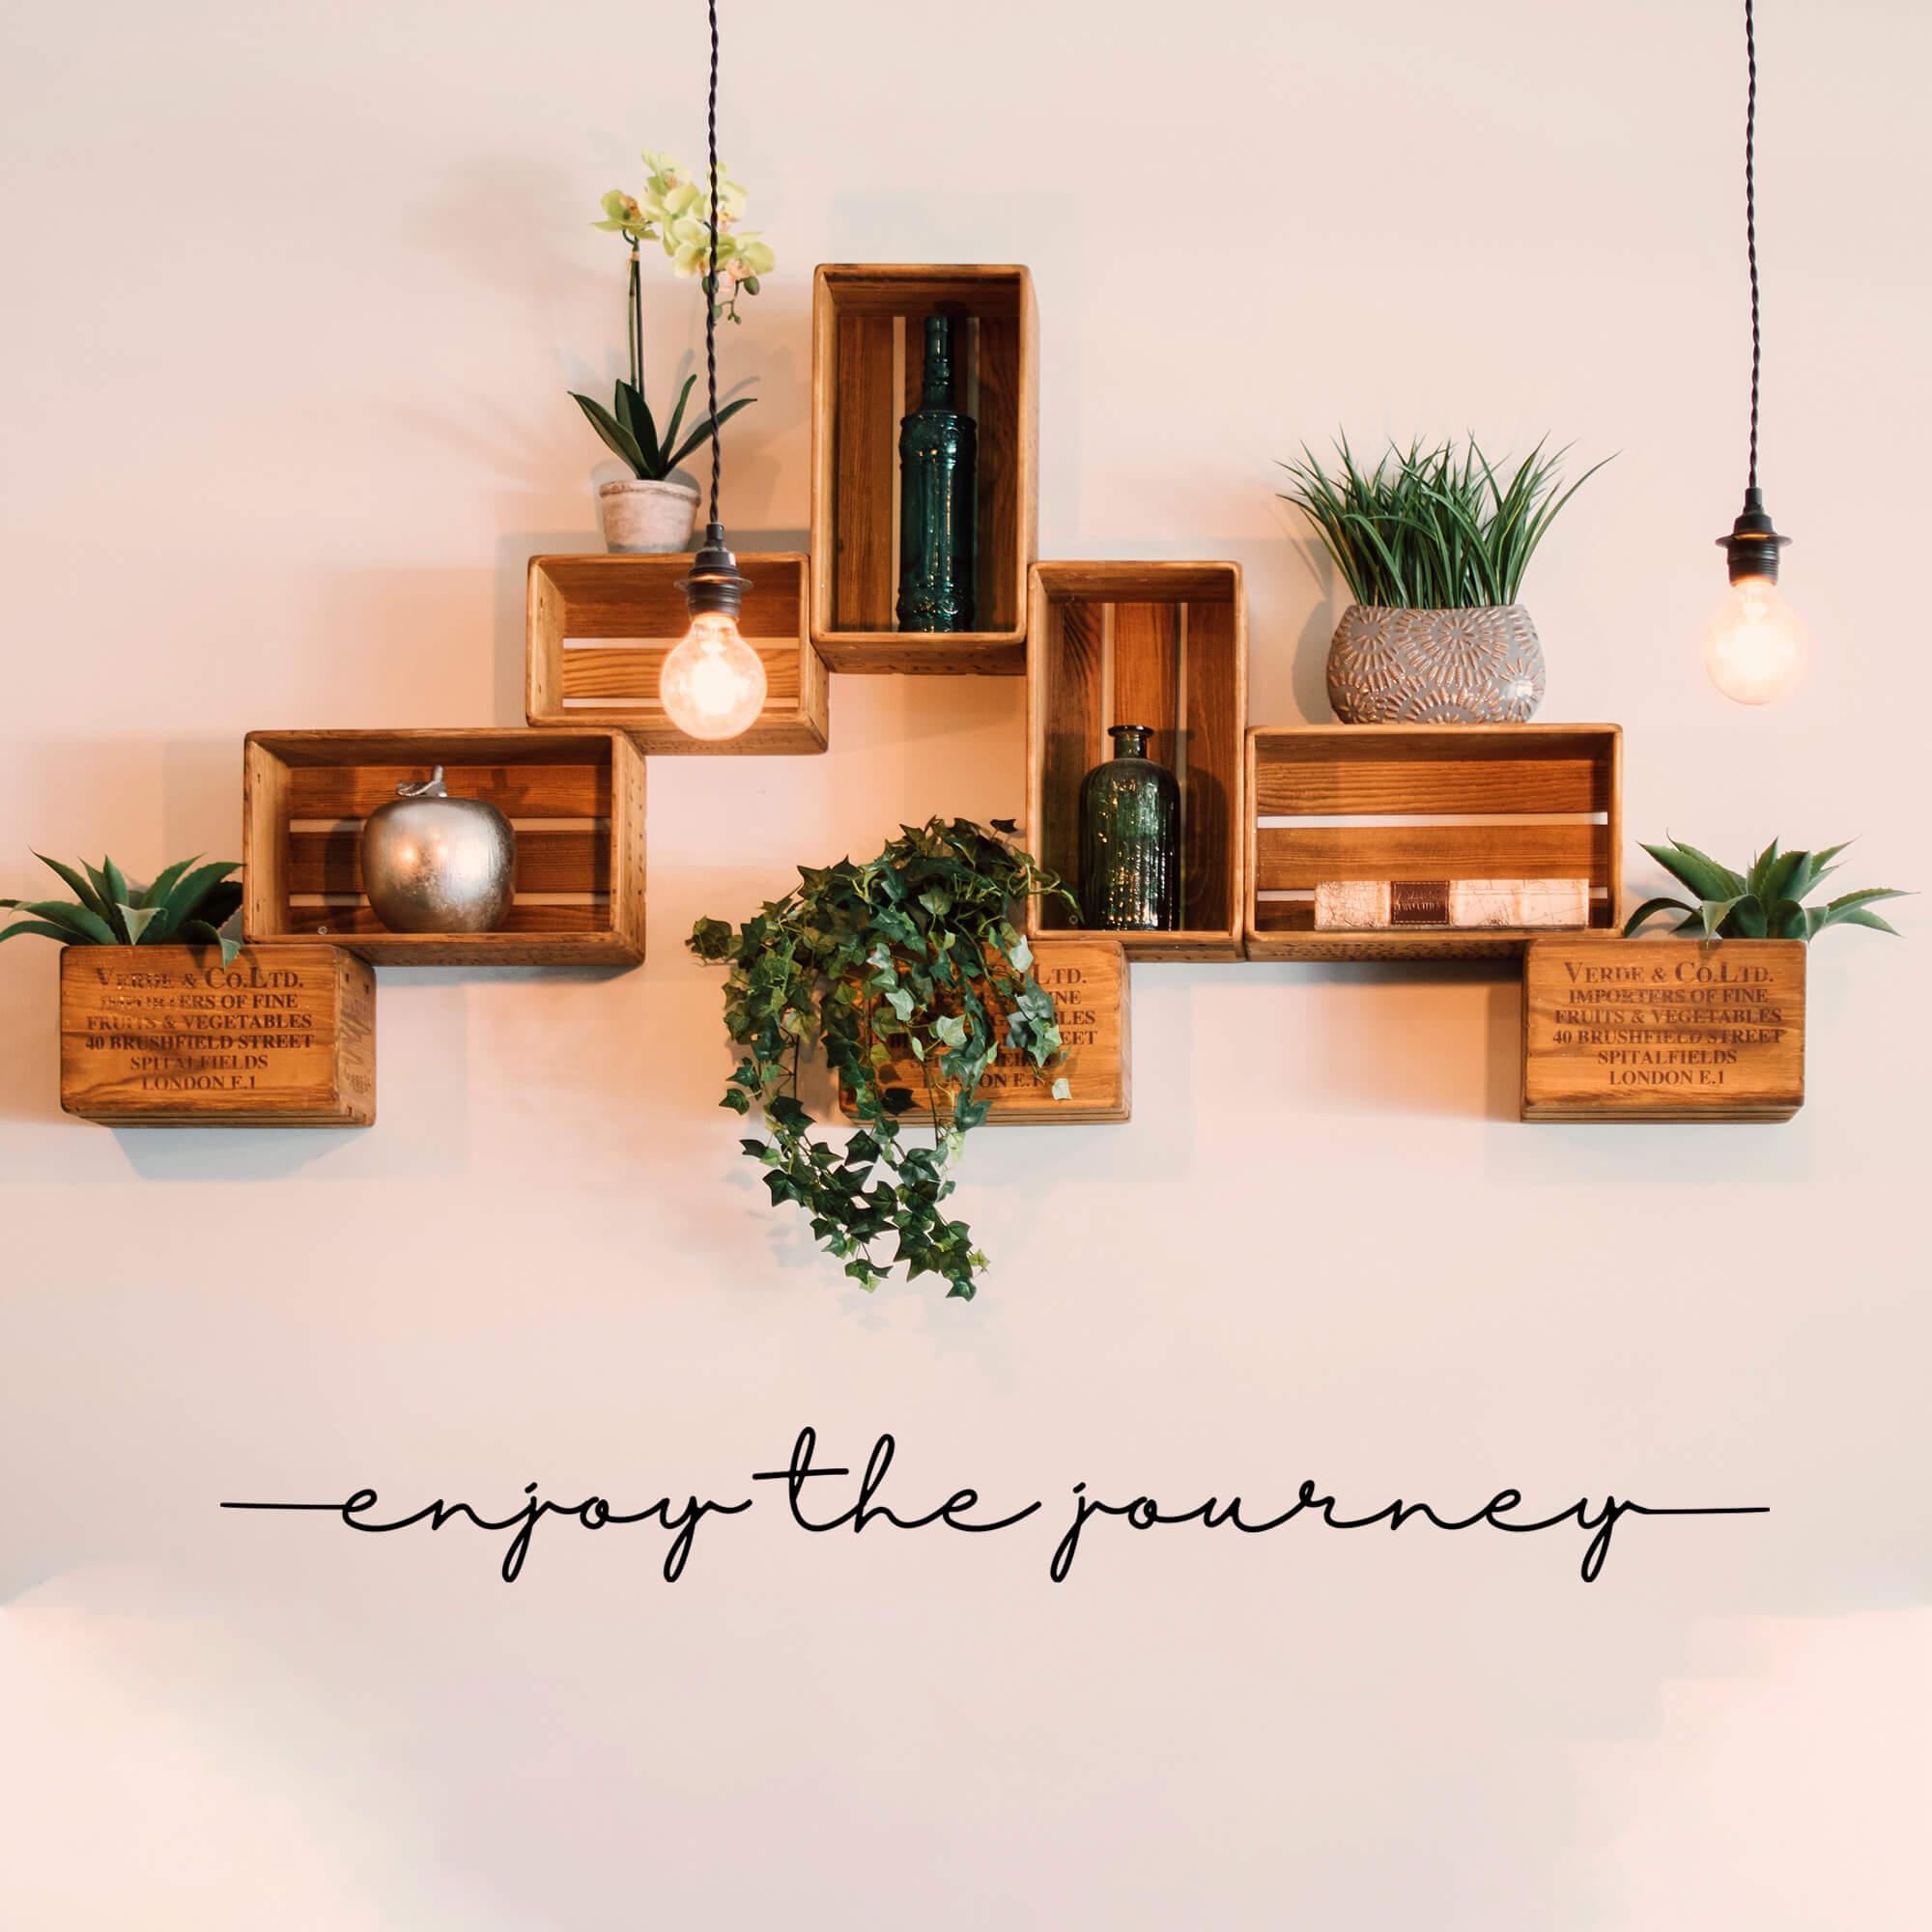 Adesivo Frase Inglês Enjoy The Journey - Aproveite a Jornada Decoração Sala Quarto